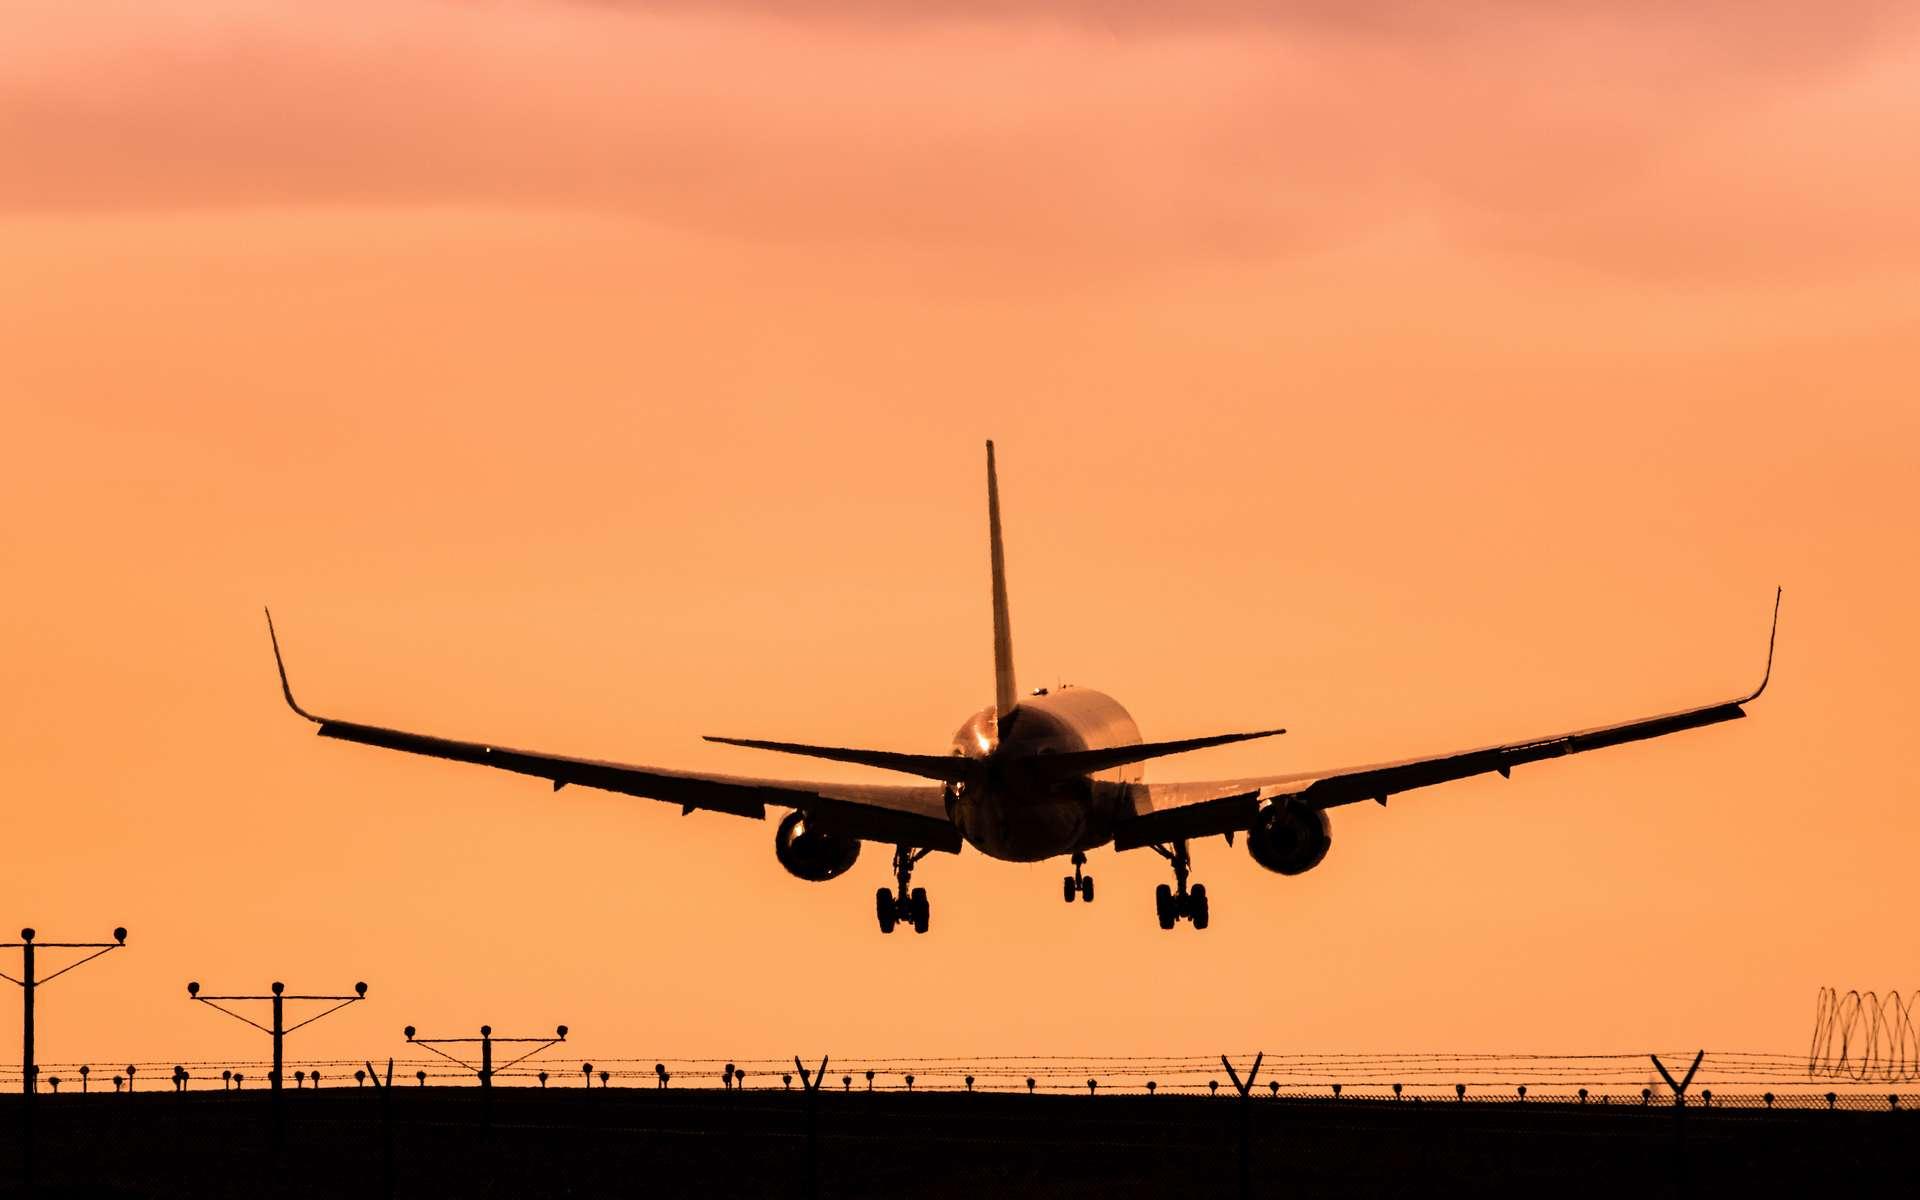 Les répercussions de l'avion sur la qualité de l'air sont de 1,7 à 4,4 fois plus élevées que les répercussions climatiques par unité de carburant consommée. © Brian Weed, Adobe Stock